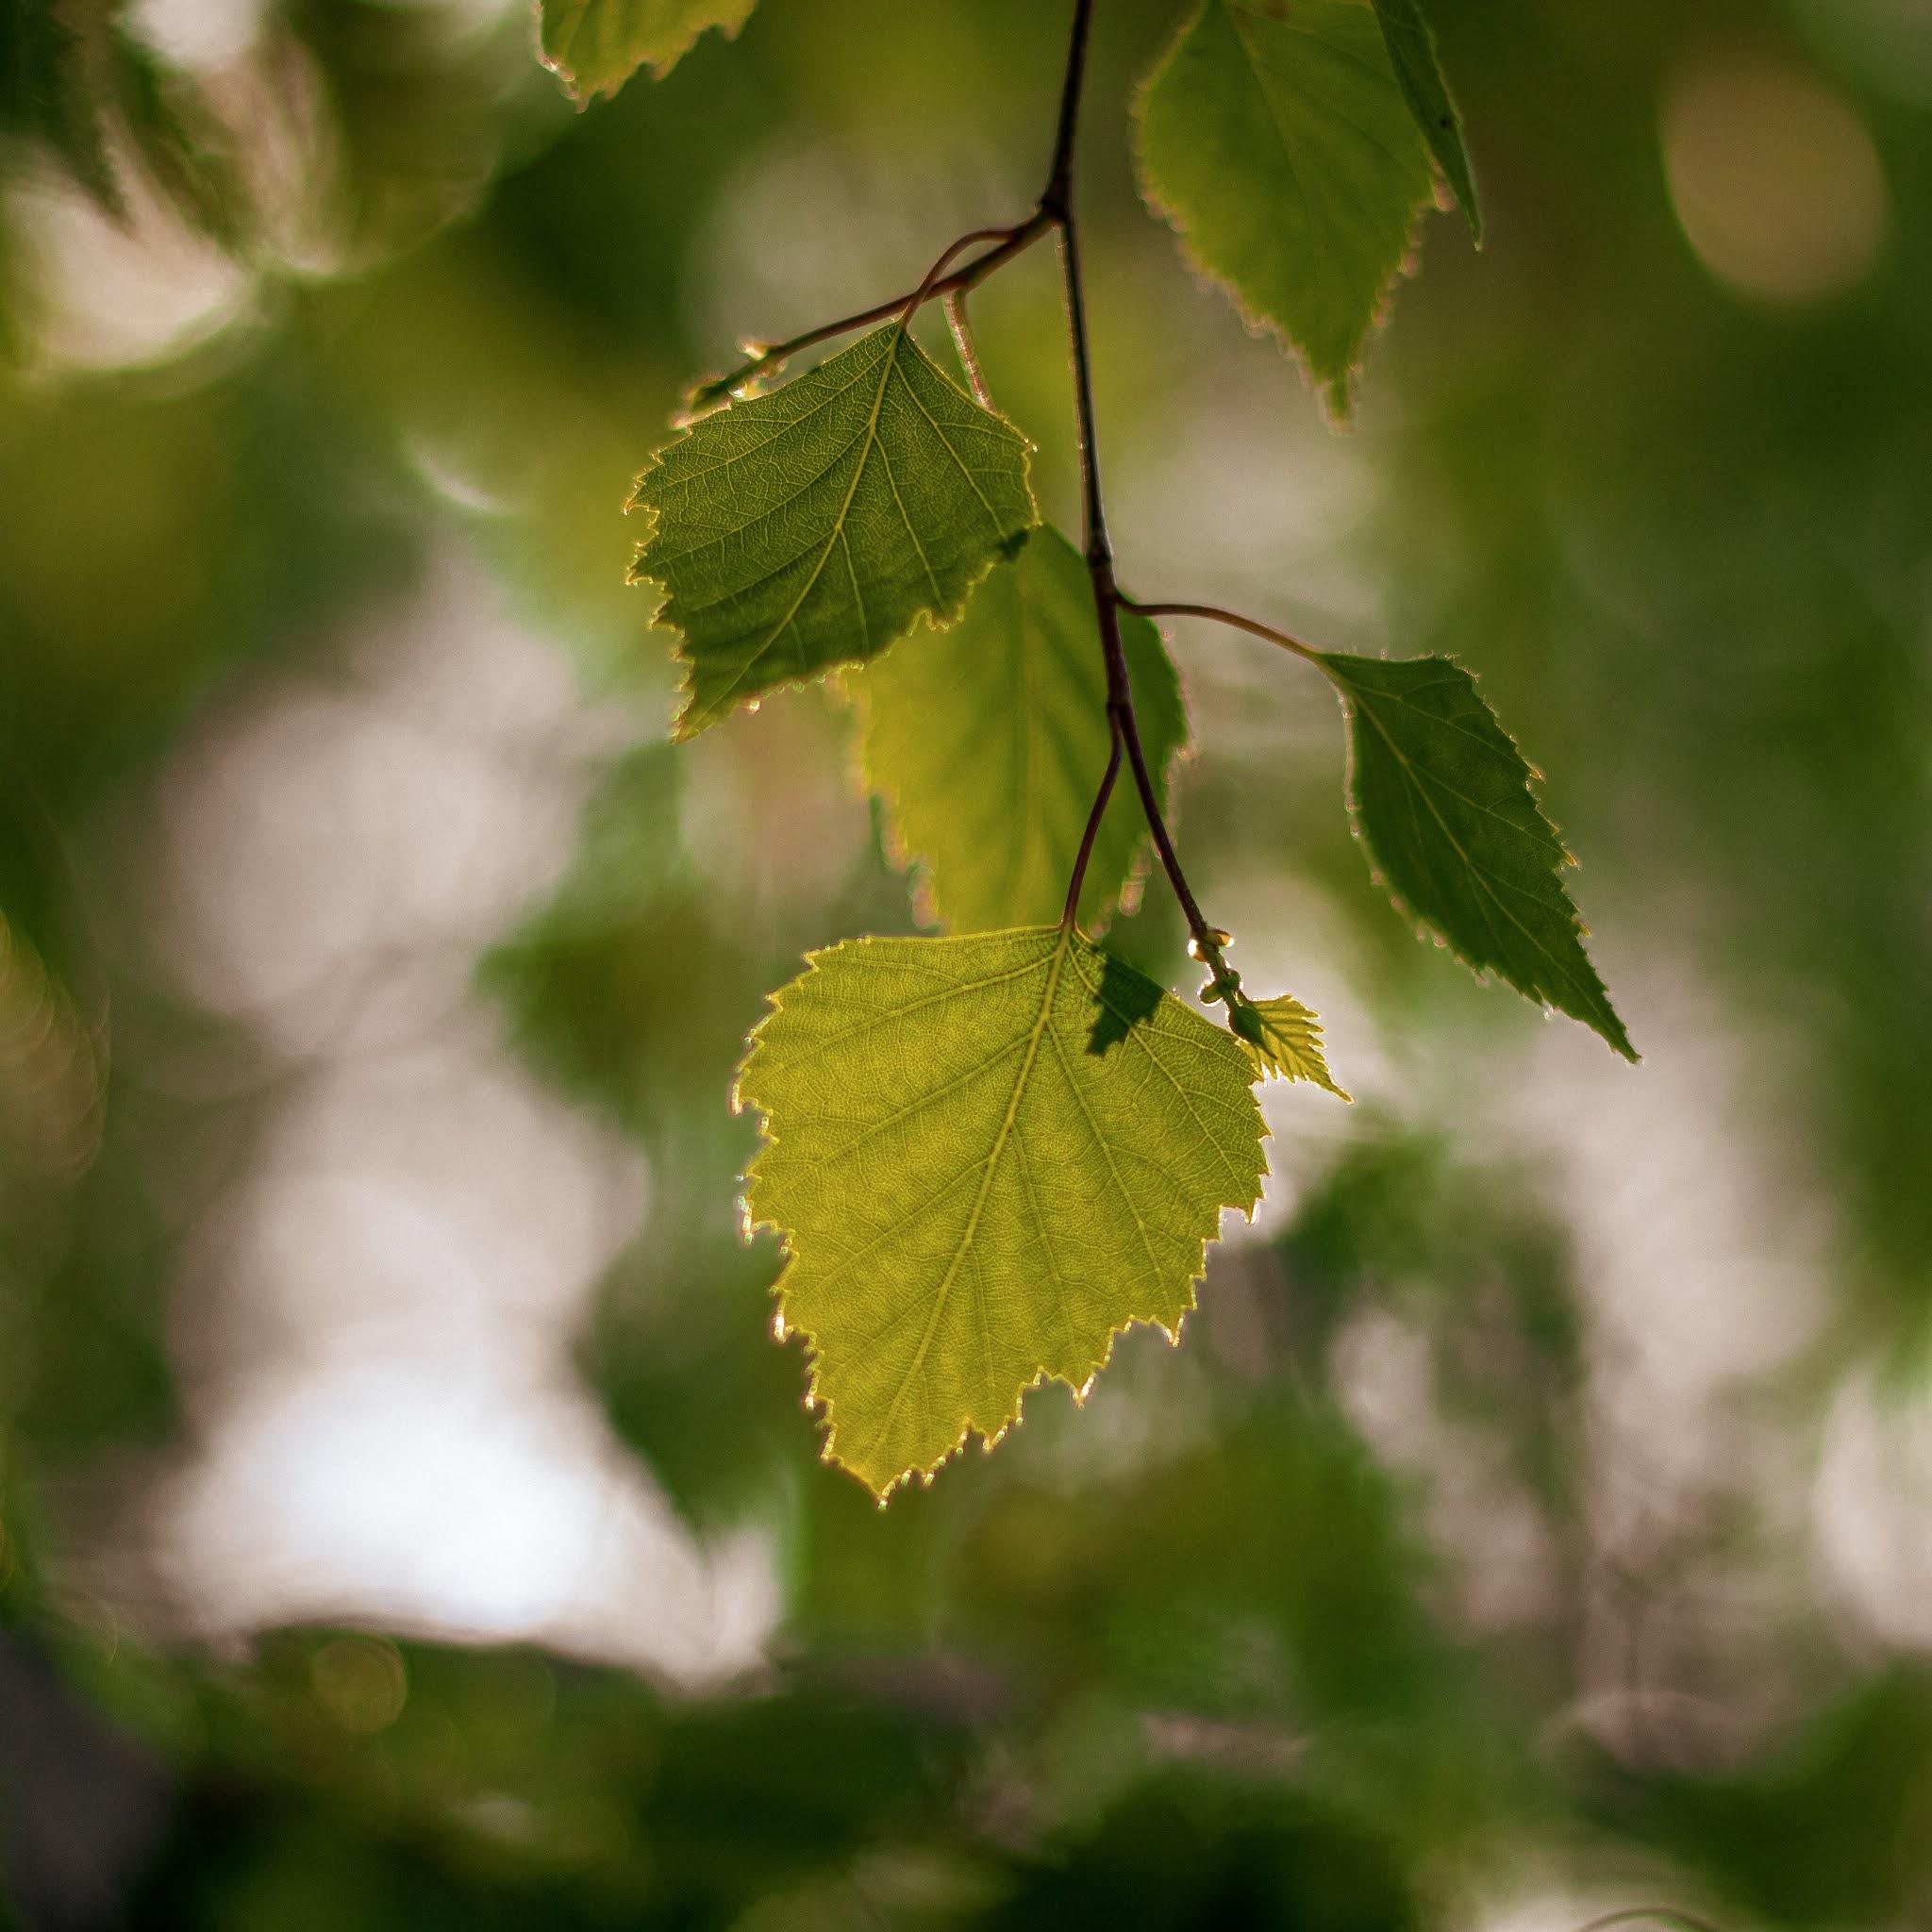 Spokój, tylko spokój nas uratuje — kwadratowy oddech, nerw błędny.